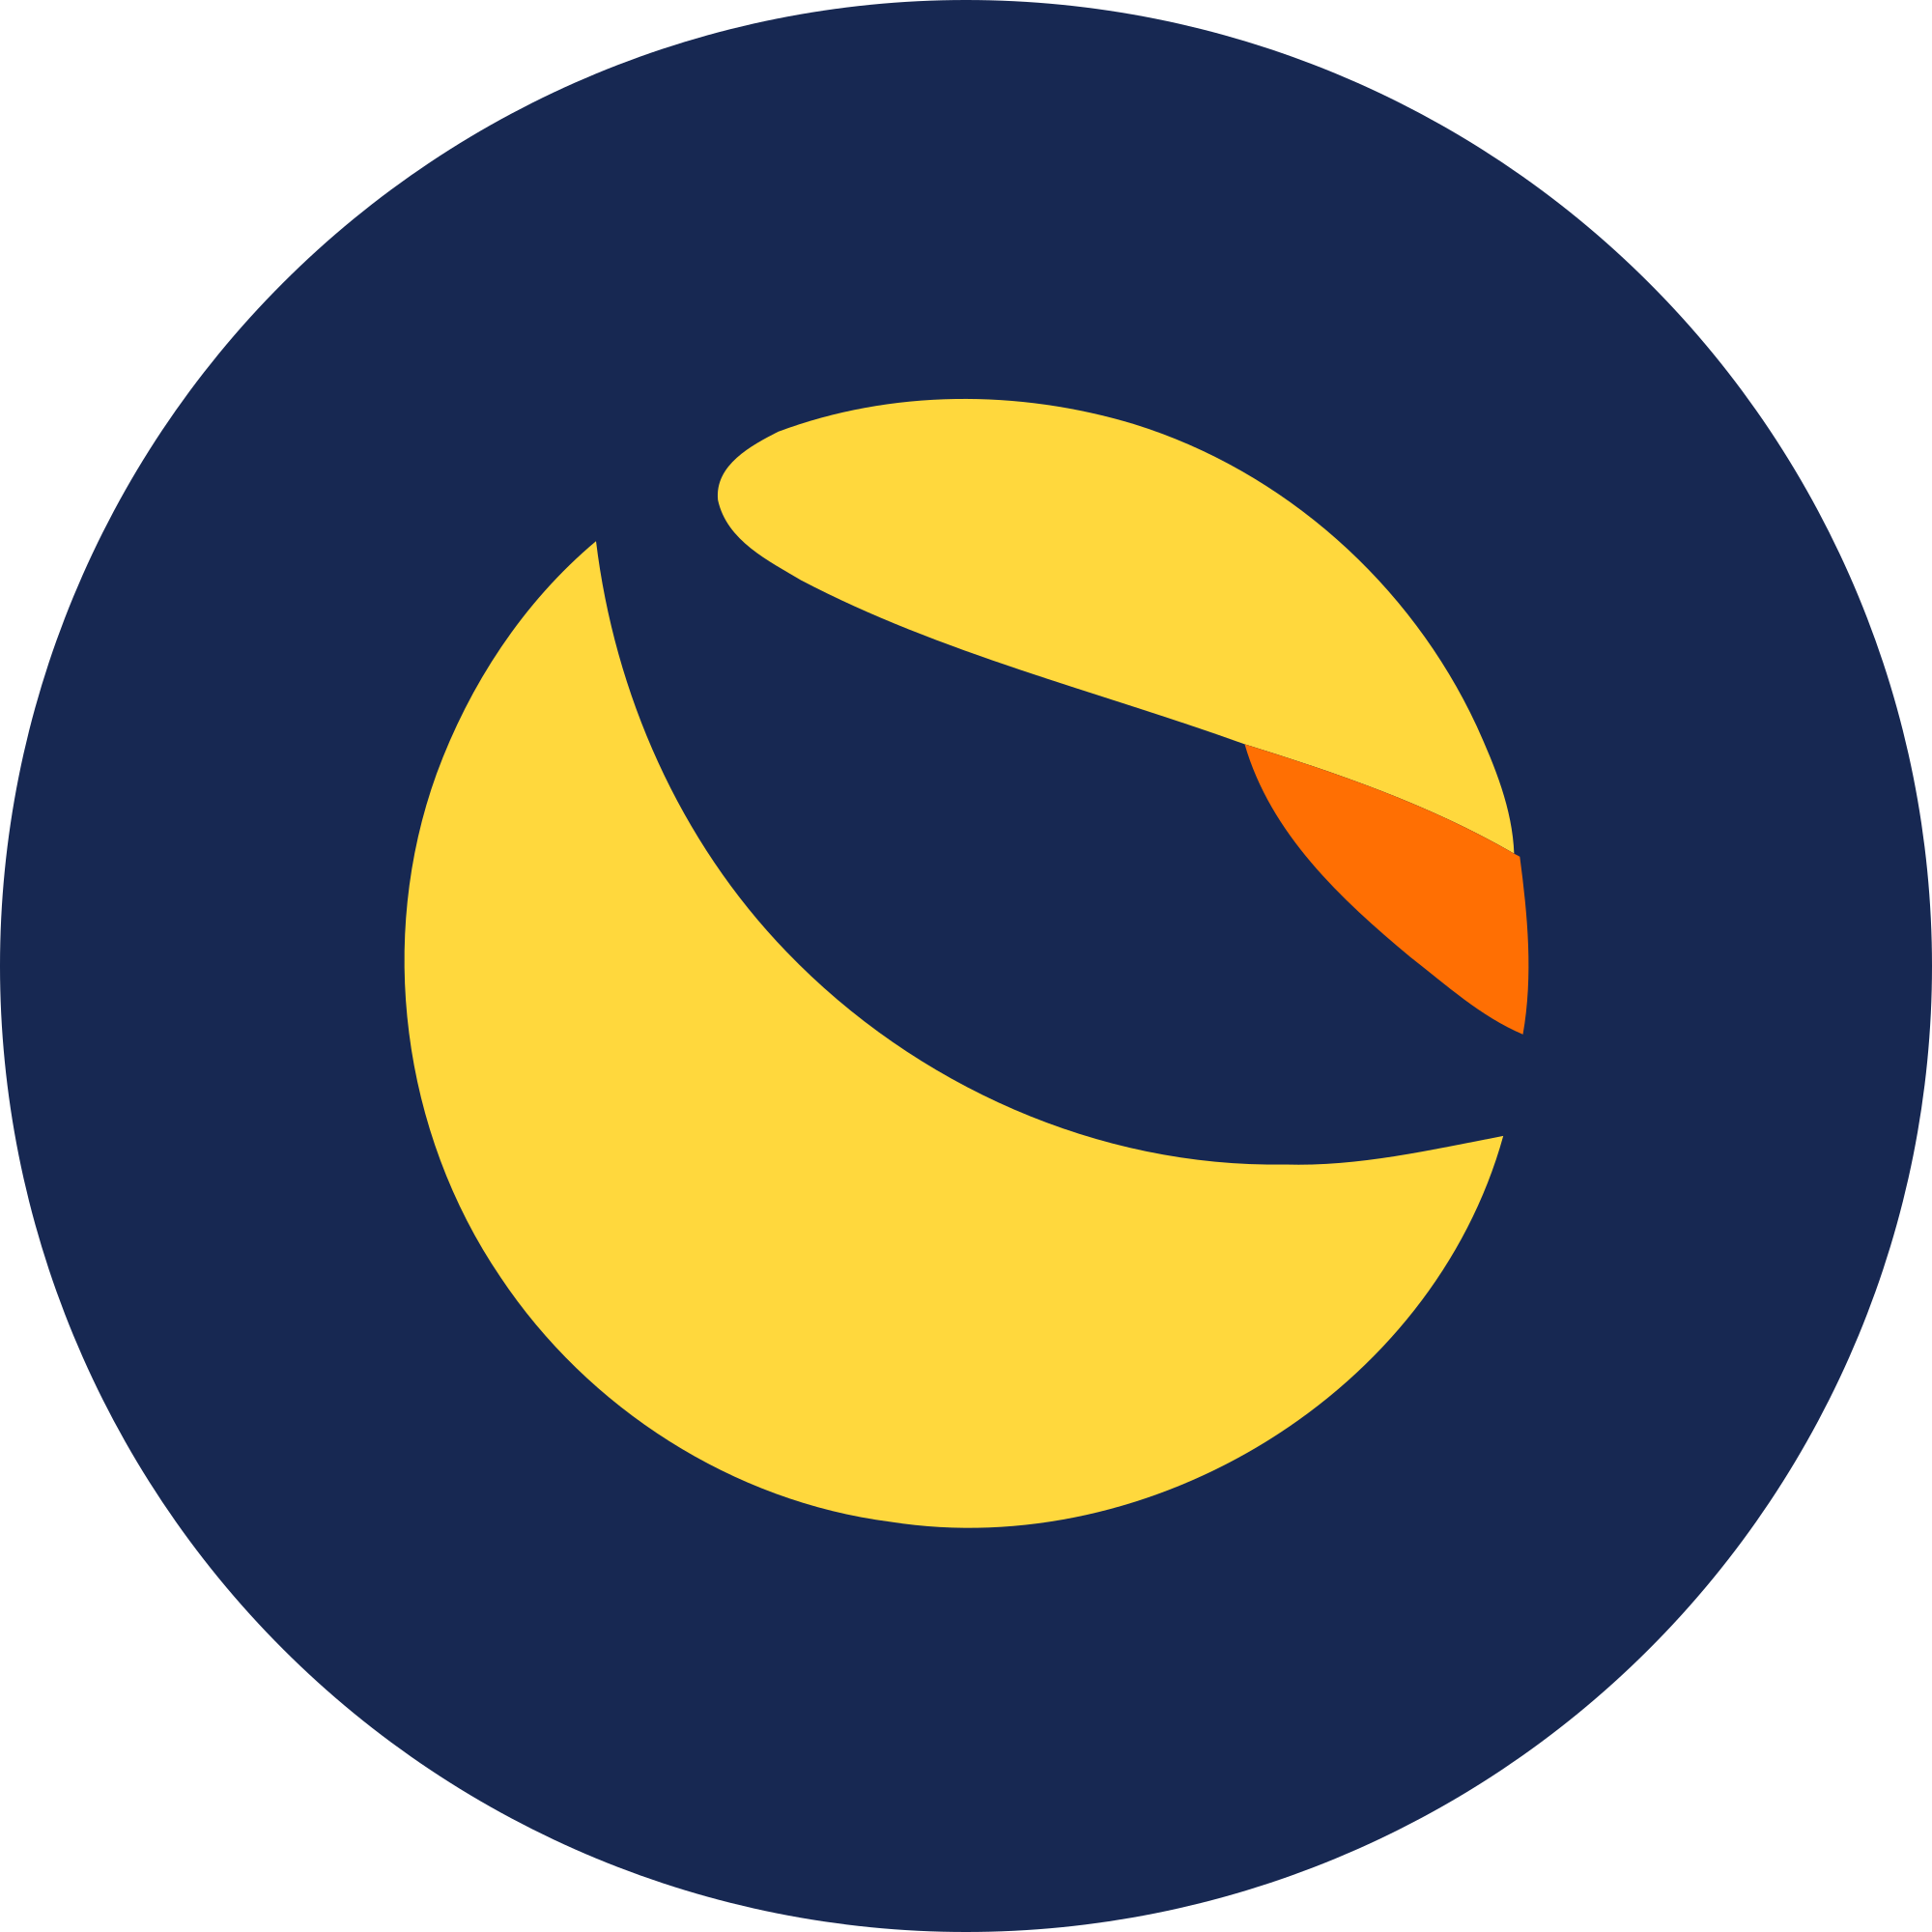 Wallet luna